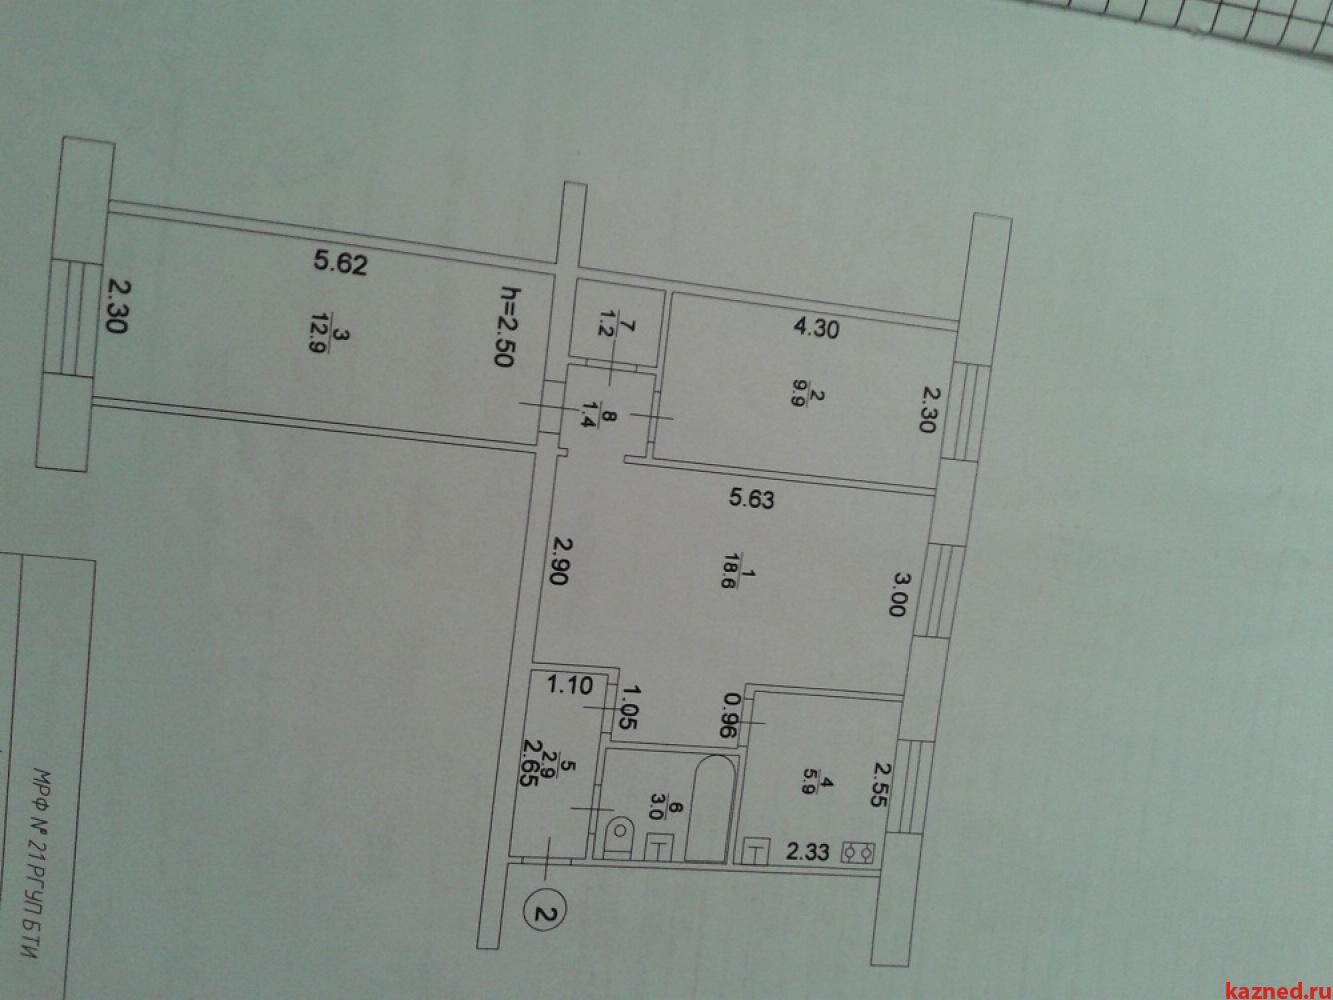 Продажа 3-к квартиры Восстания 19, 56 м²  (миниатюра №2)